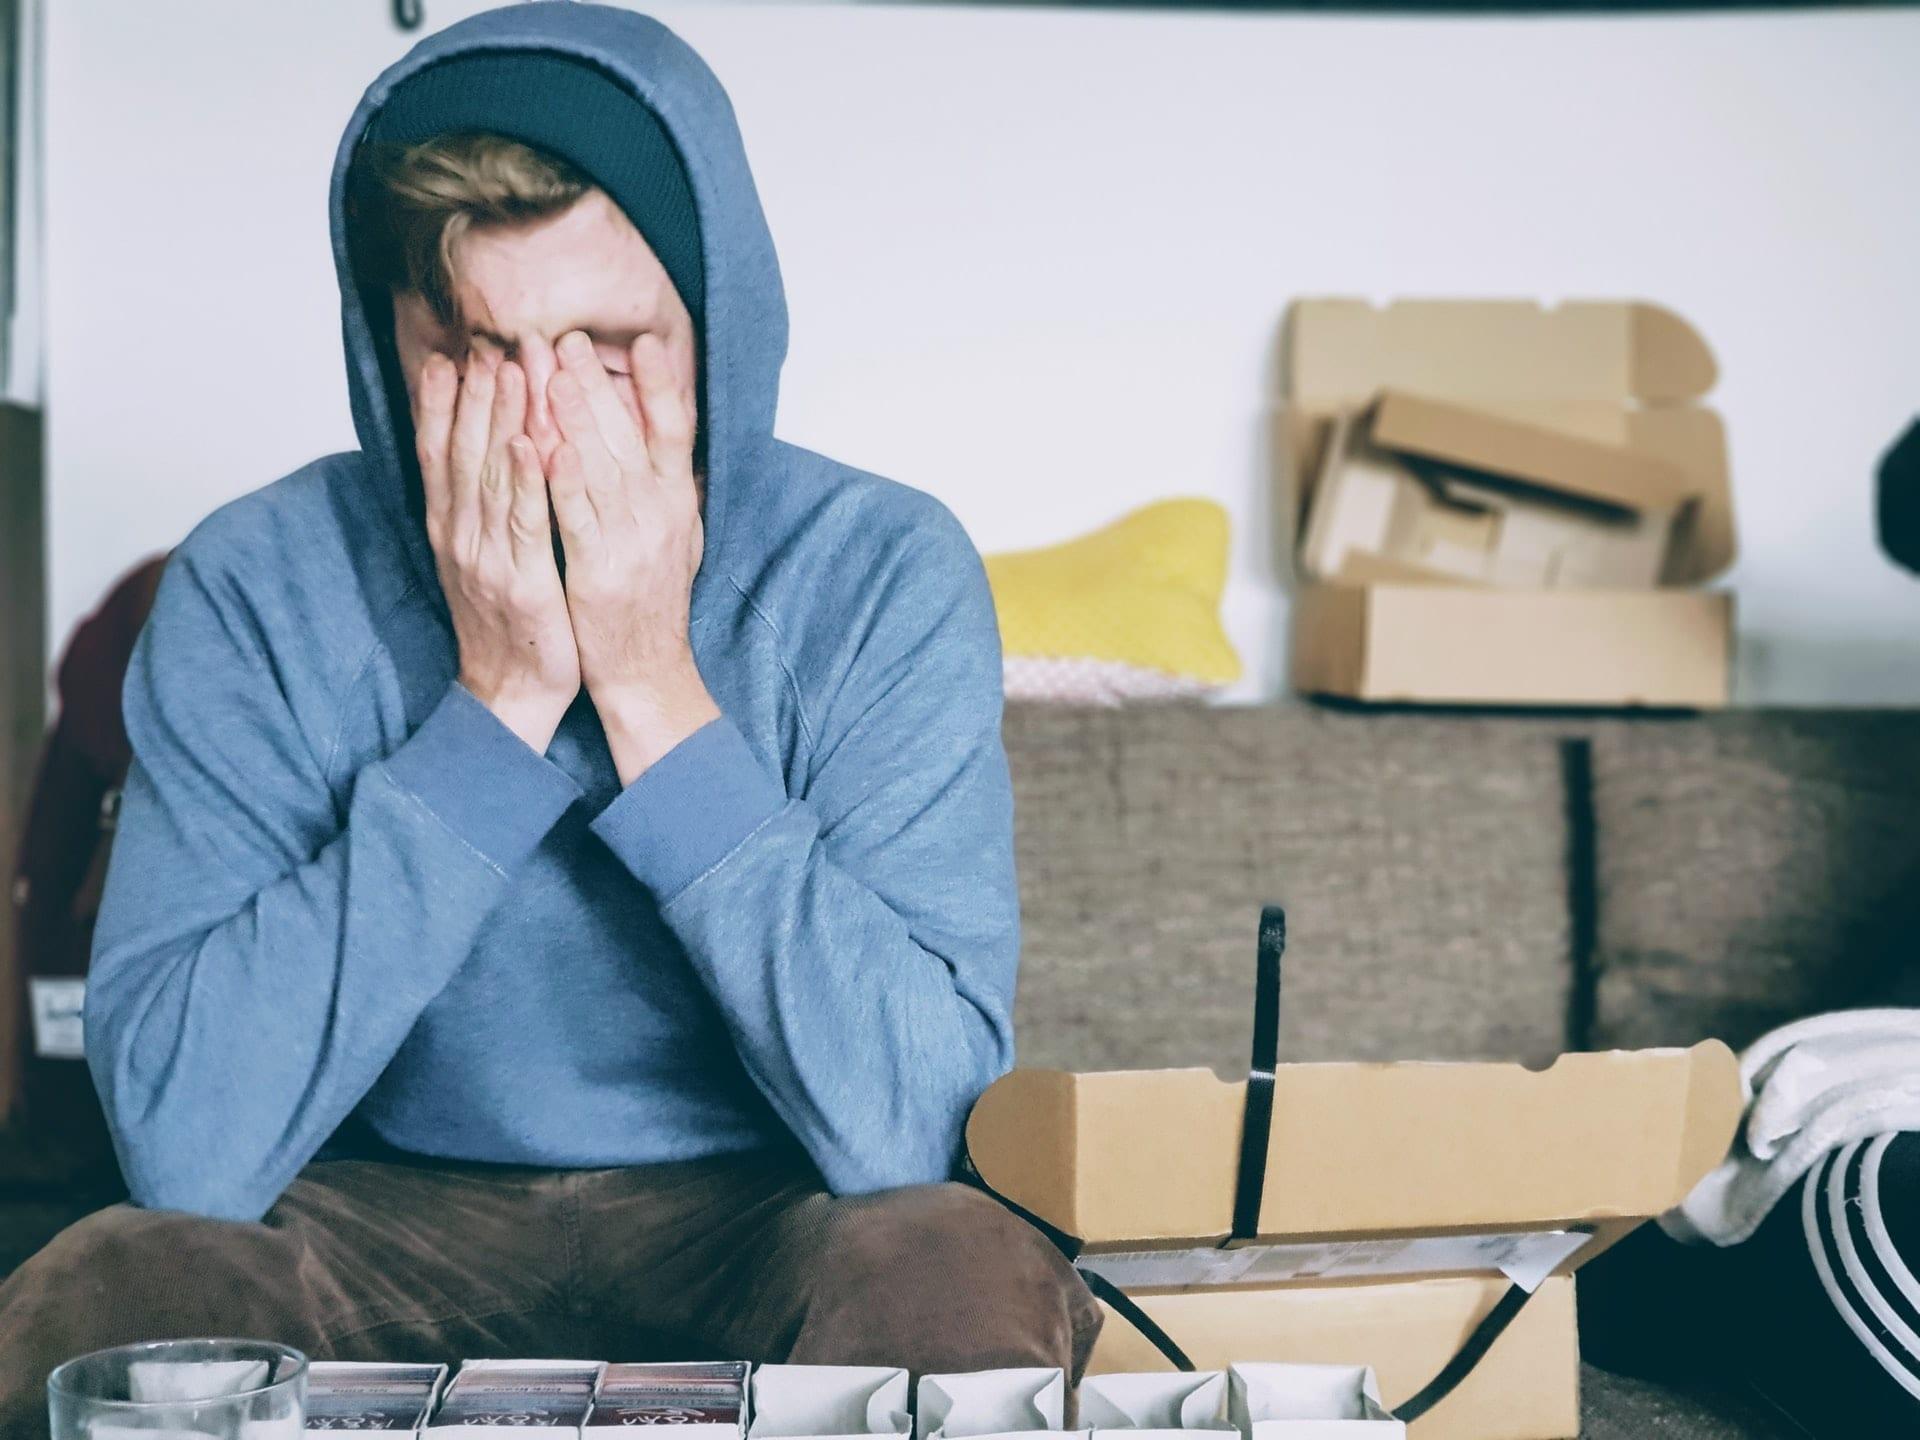 Imagem mostra pessoa sofrendo de fadiga, esfregando o rosto